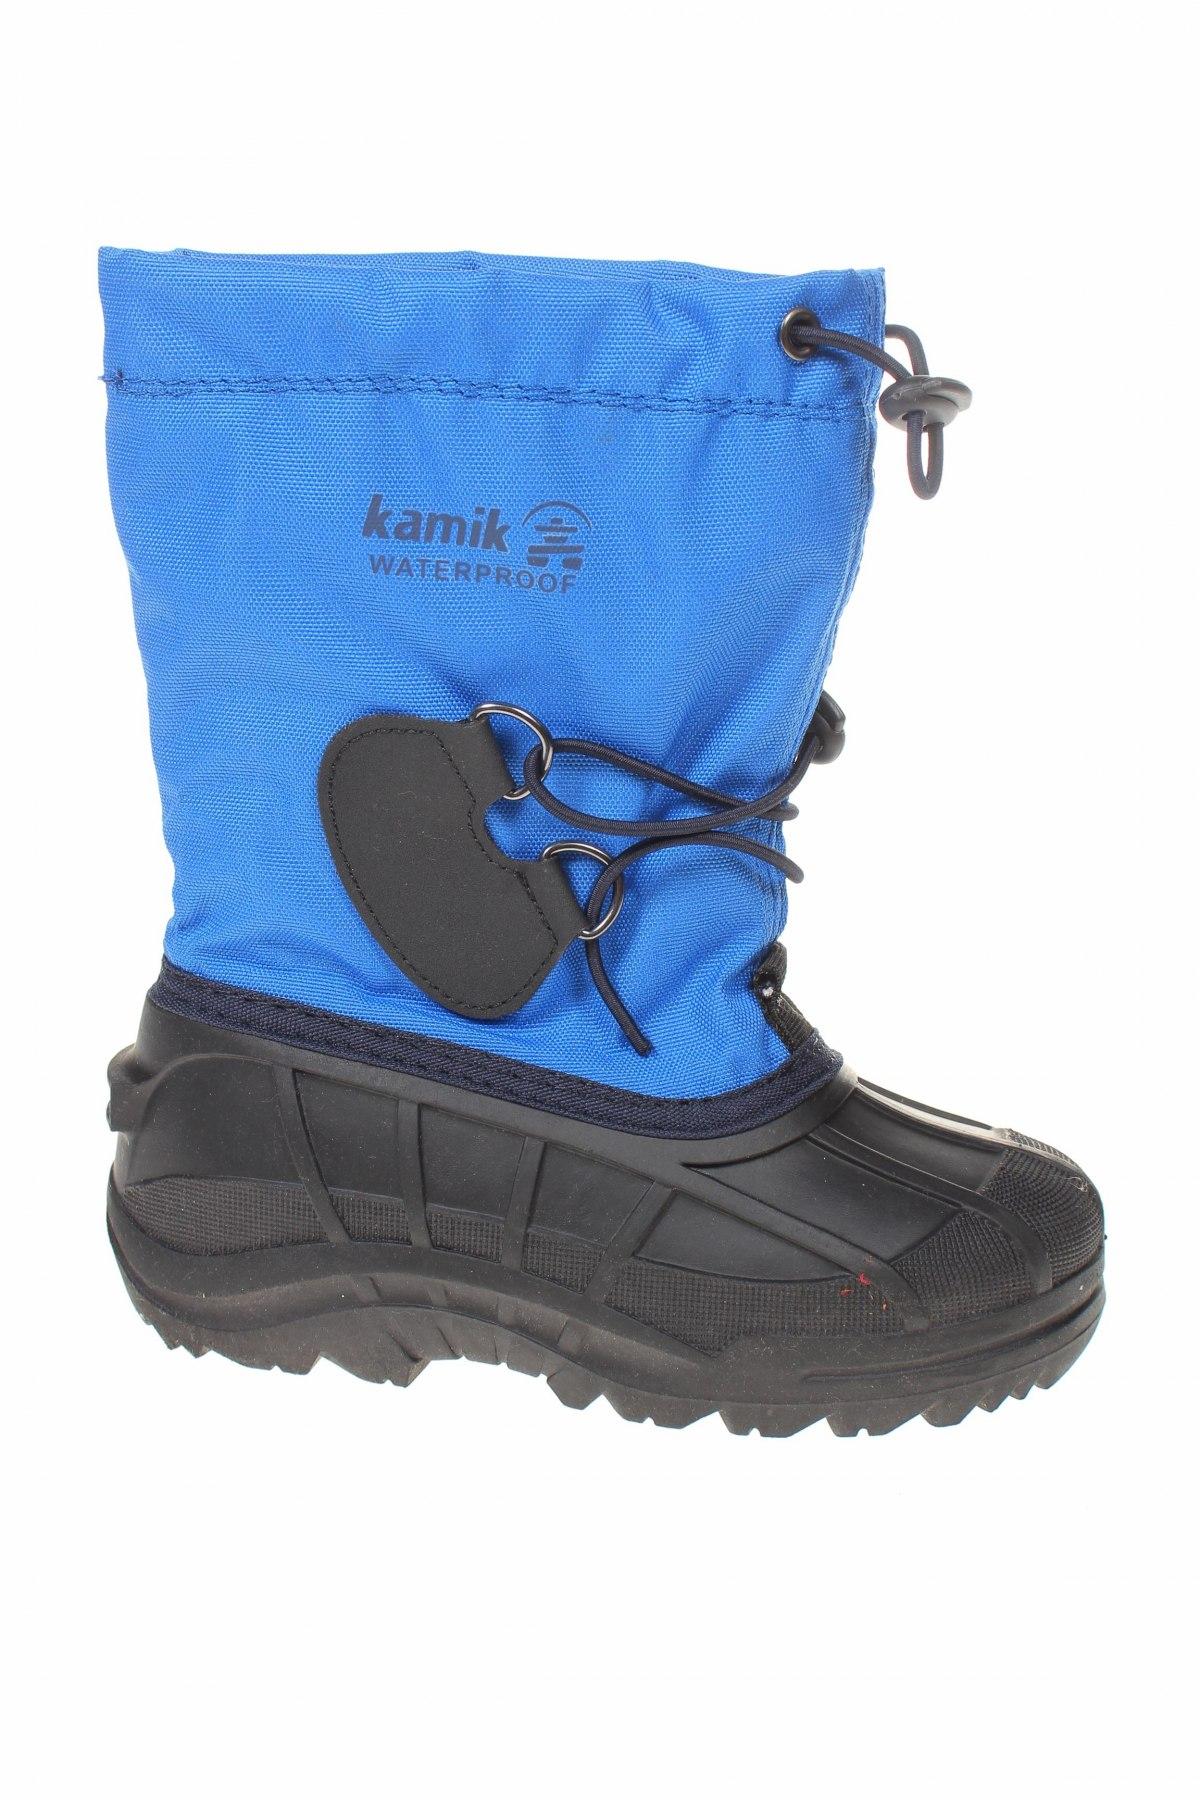 Παιδικά παπούτσια Kamik, Μέγεθος 30, Χρώμα Μπλέ, Κλωστοϋφαντουργικά προϊόντα, πολυουρεθάνης, Τιμή 22,40€